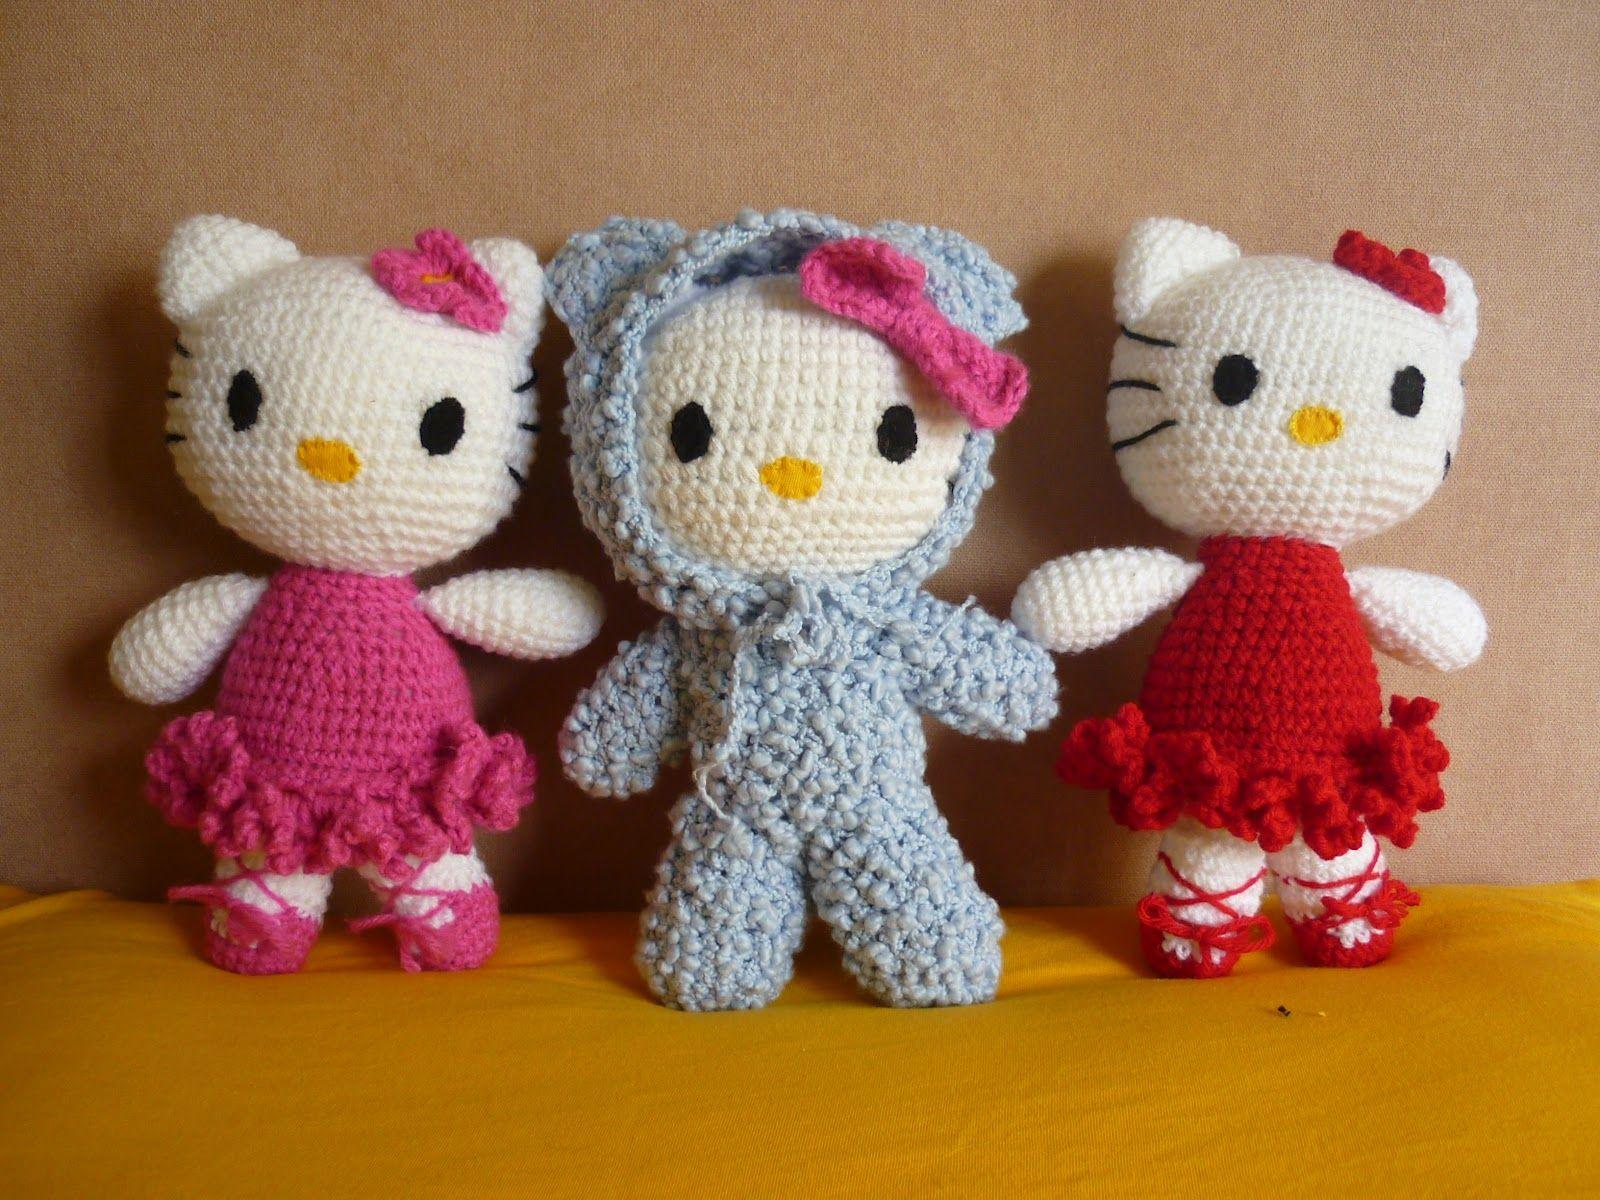 Amigurumi Crochet Personajes : Tejiendo sueños amigurumi crochet personajes hello kitty